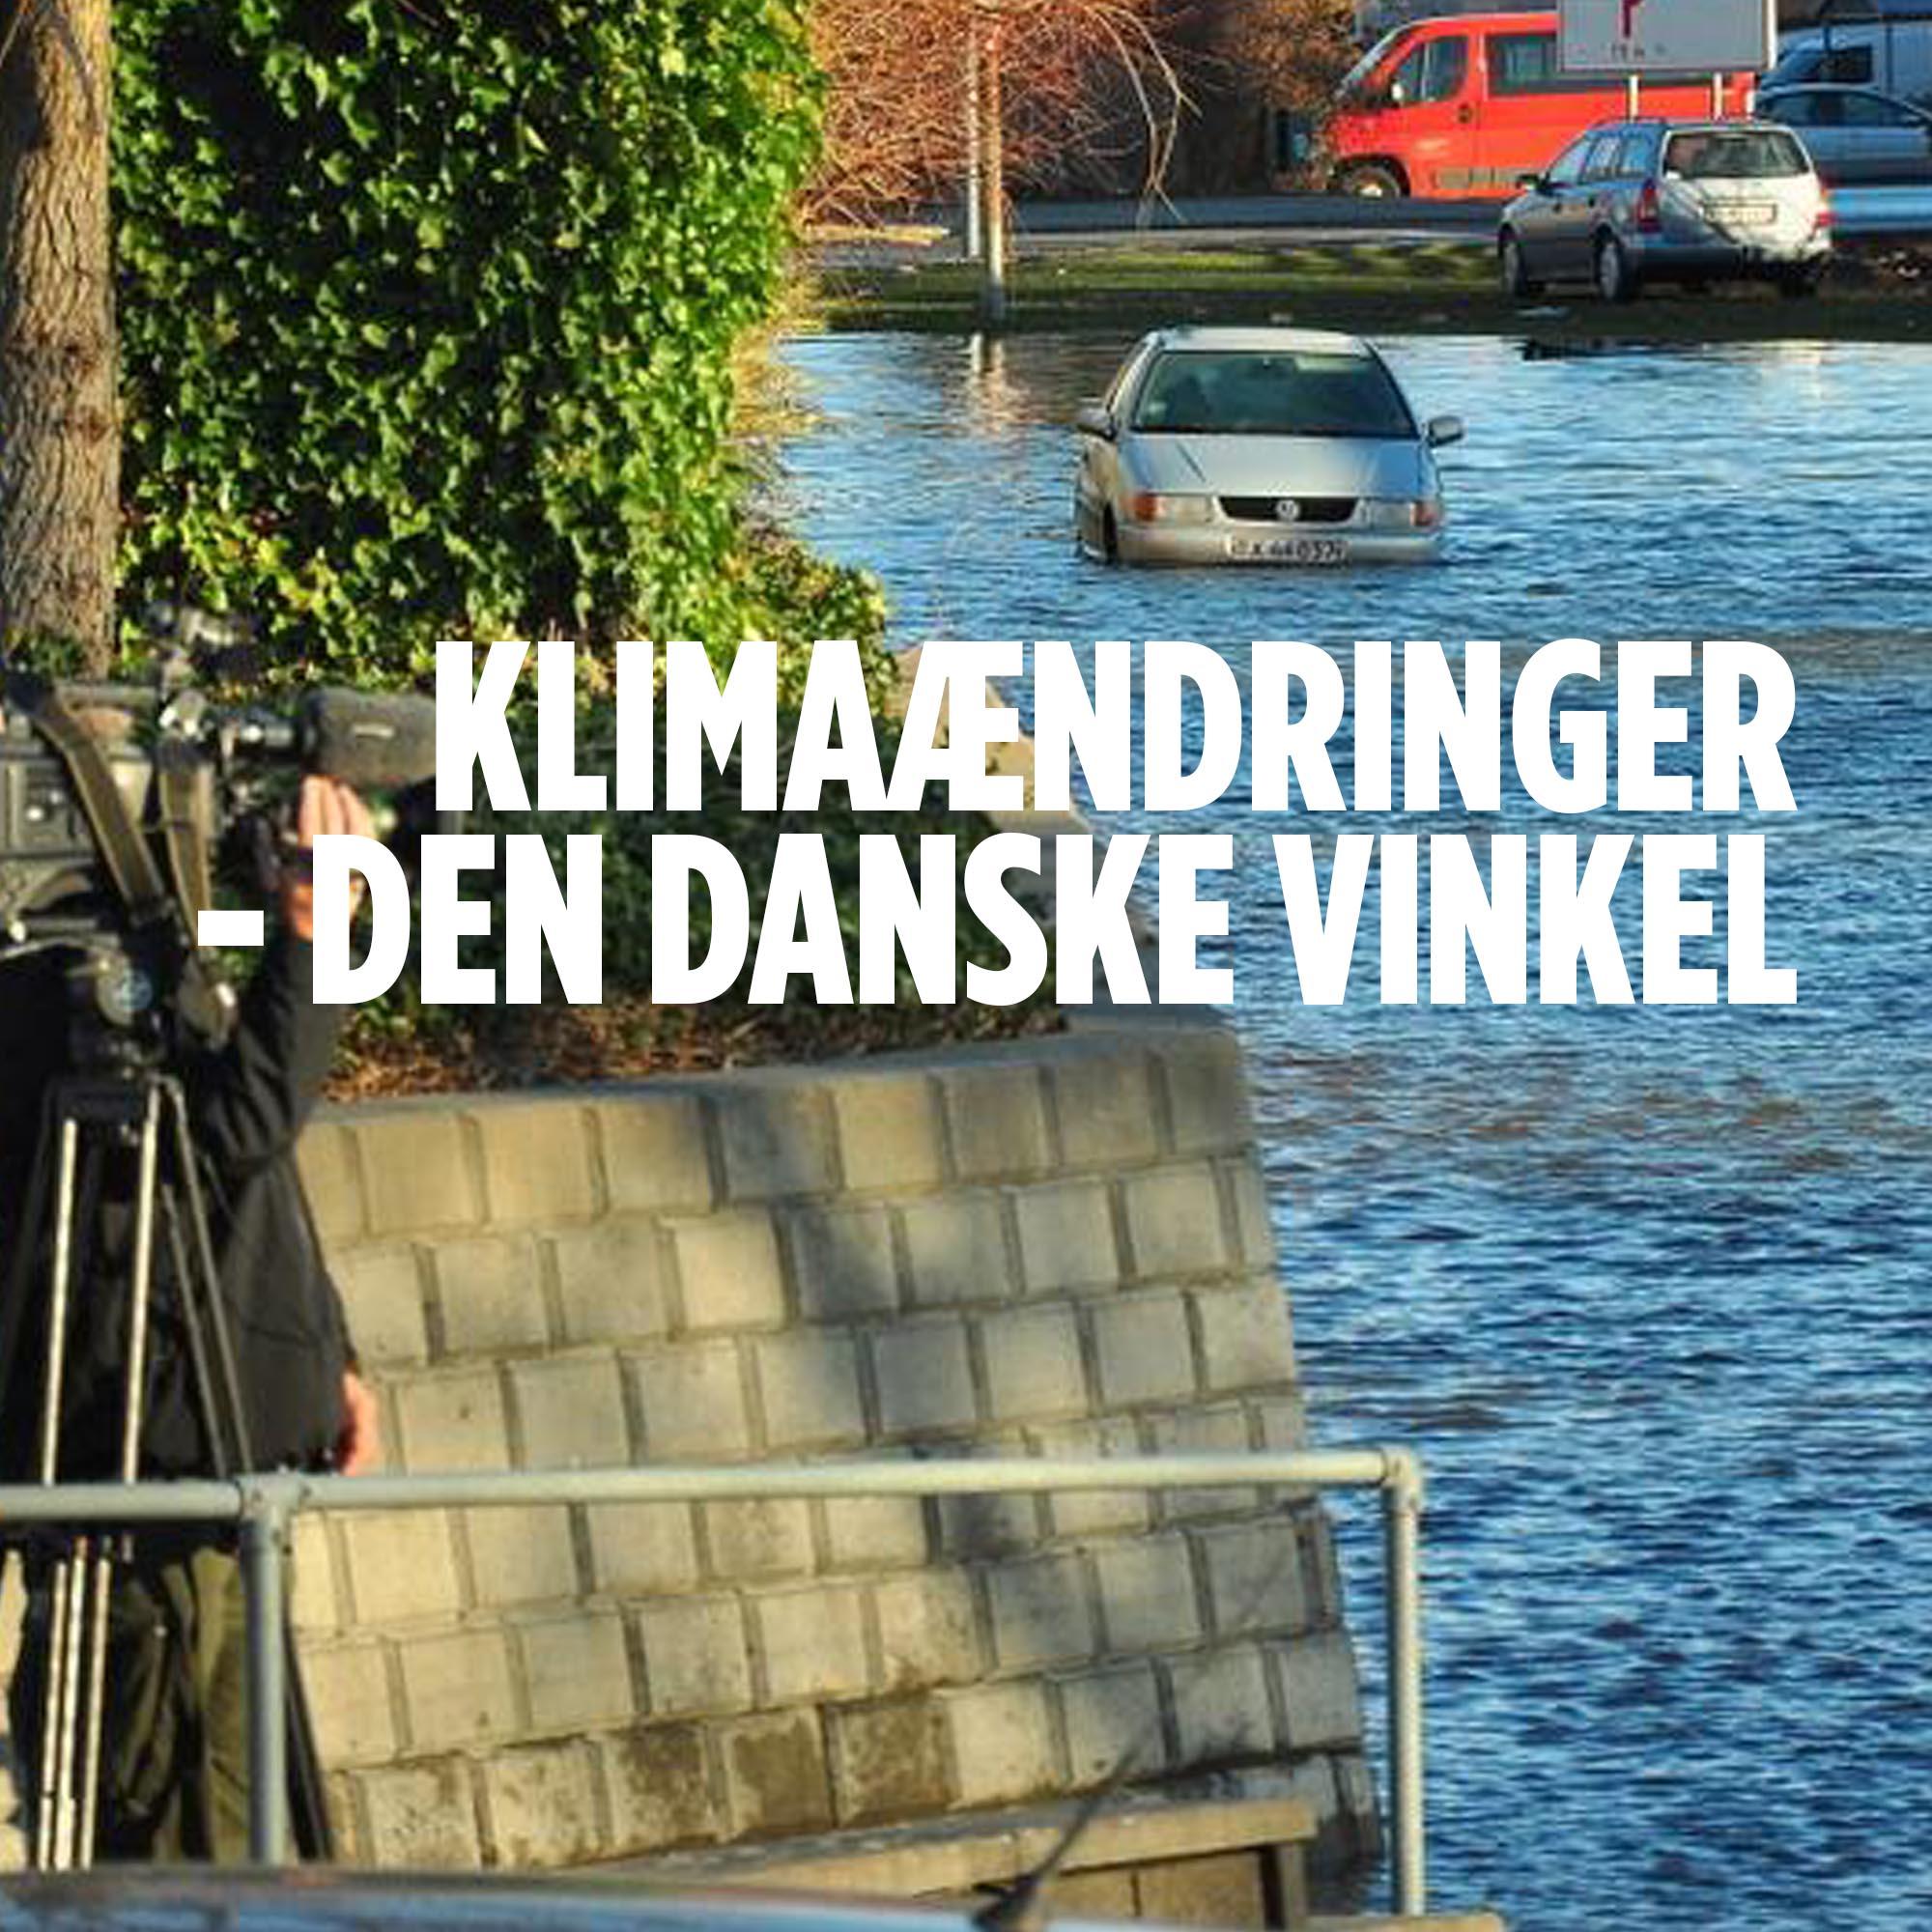 KLIMAÆNDRINGER KVADRAT KALENDER 01.jpg